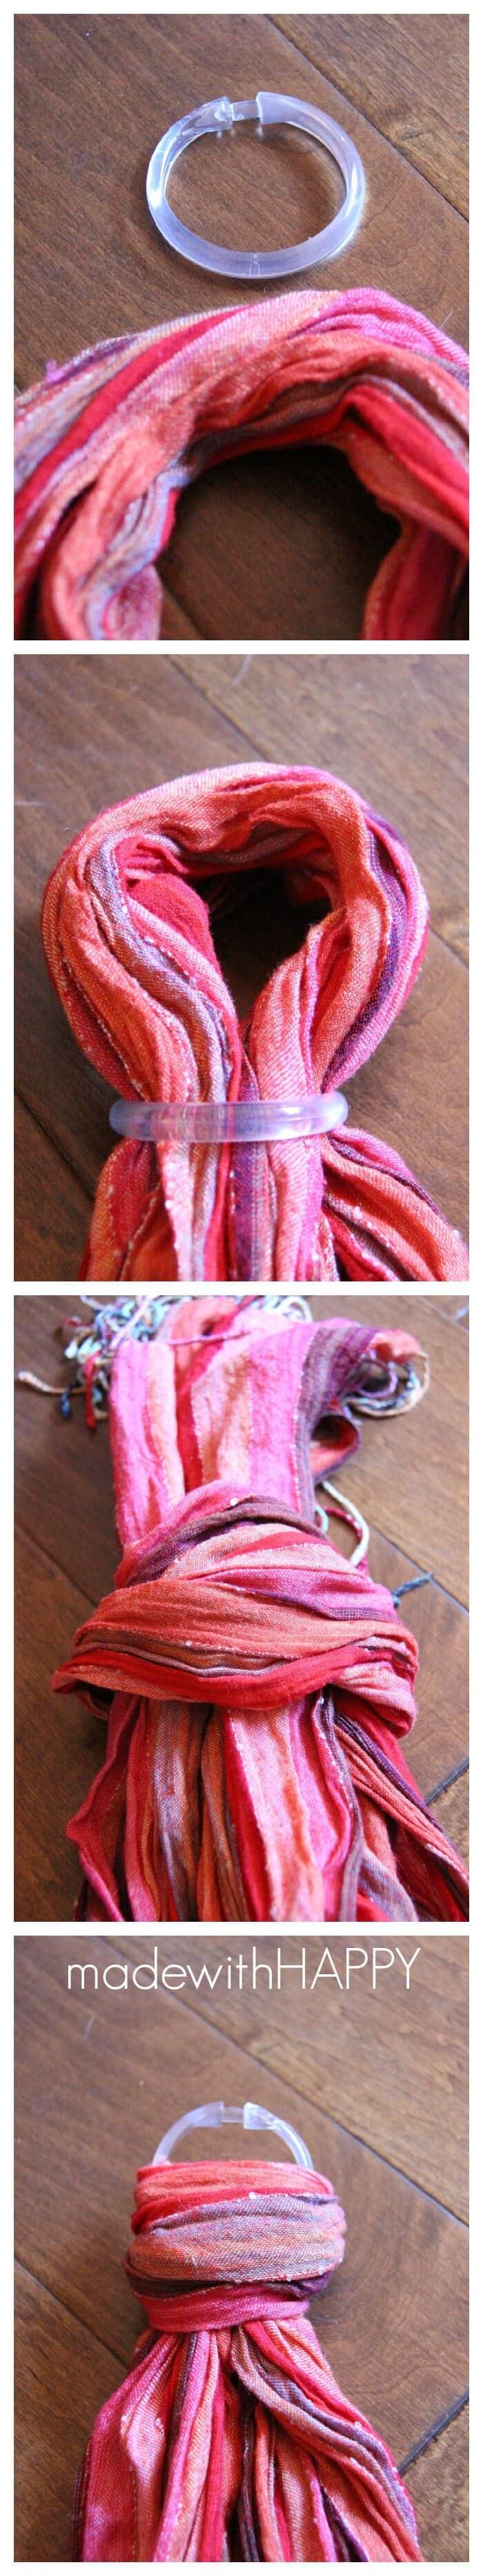 Tying-scarf